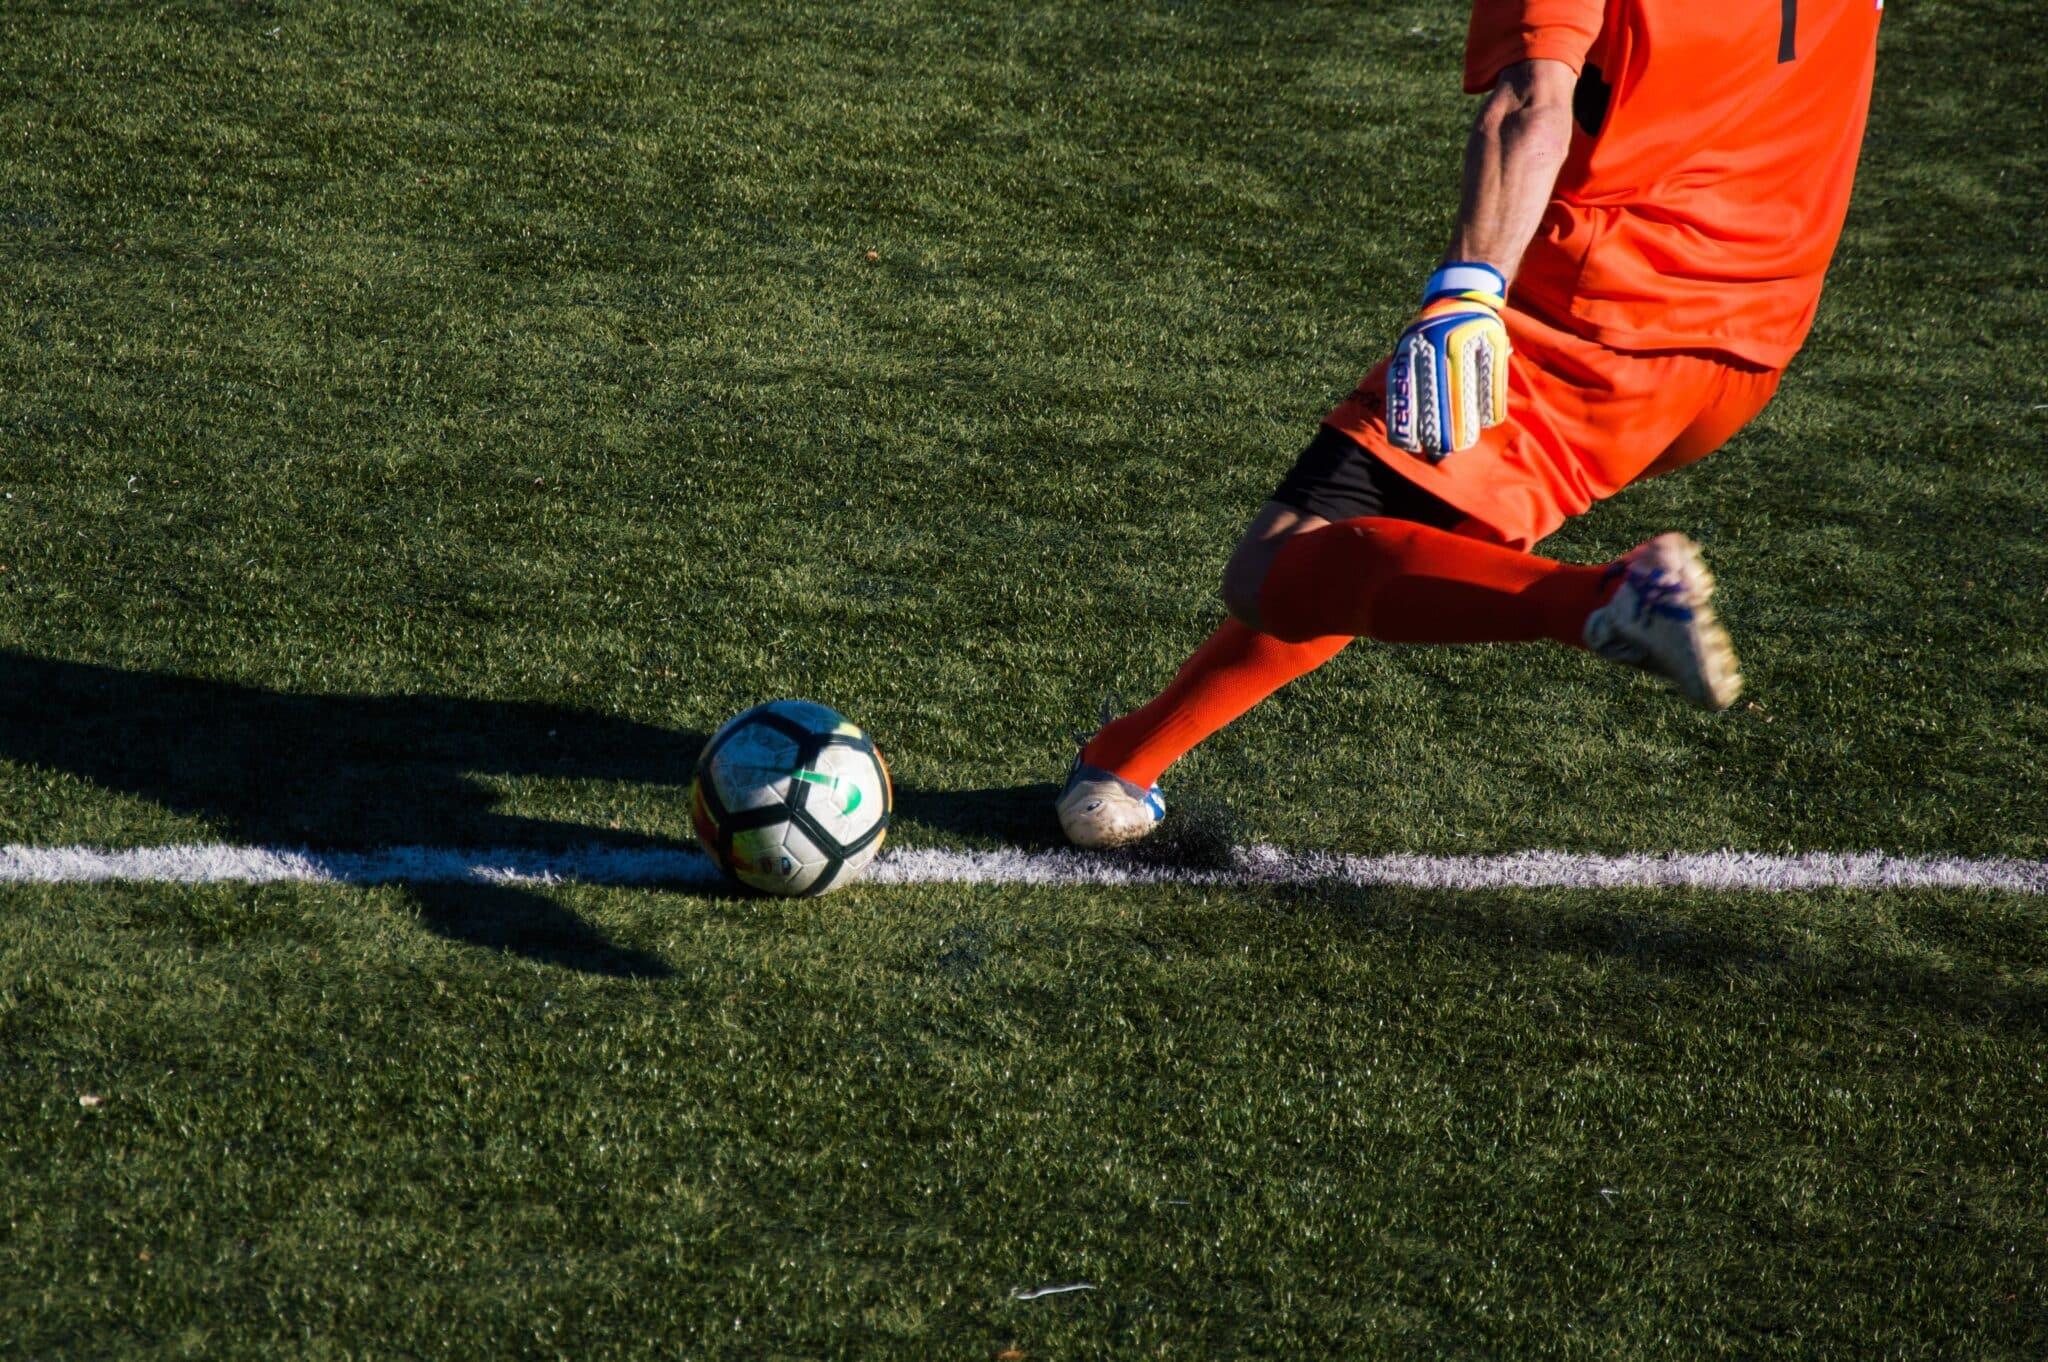 Erasmus Soccer Game